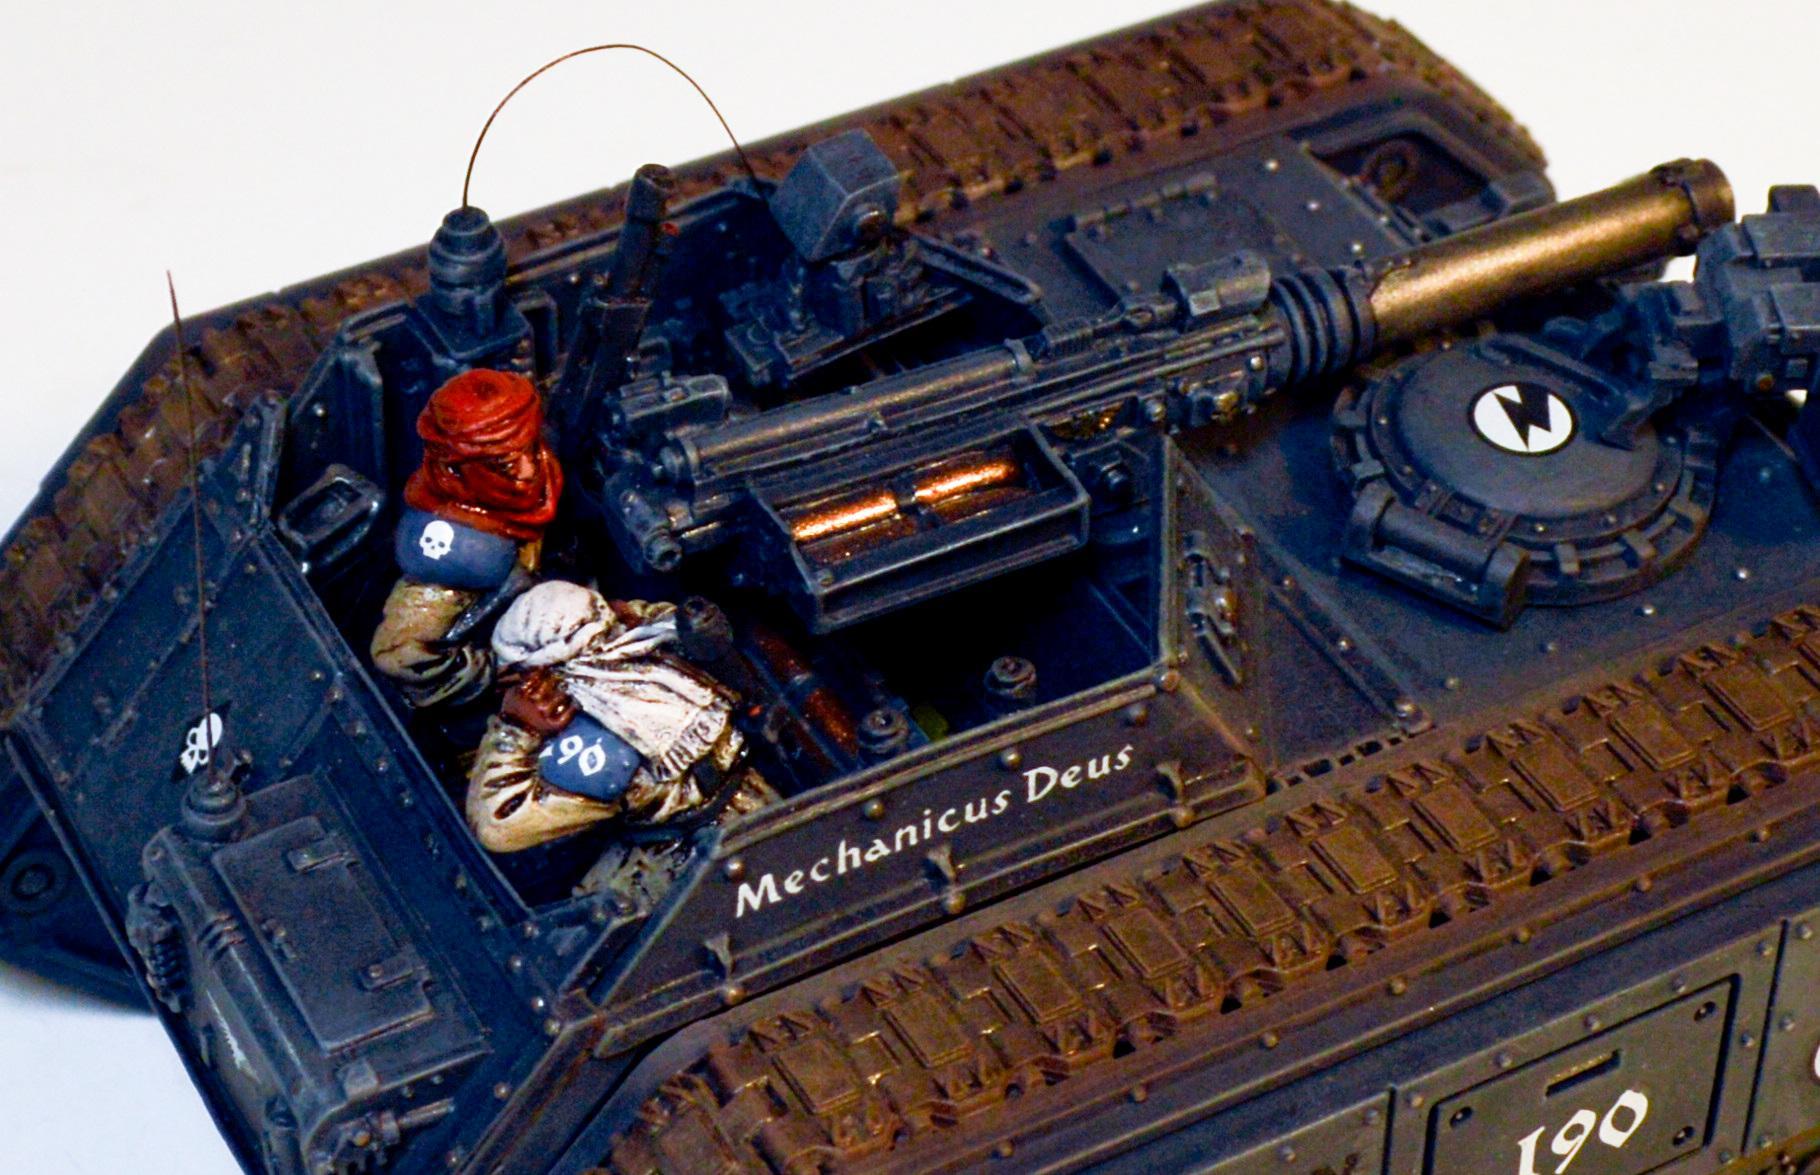 Astra Militarum, Imperial Guard, Salamander Scout Vehicle, Tallarn Desert Raiders